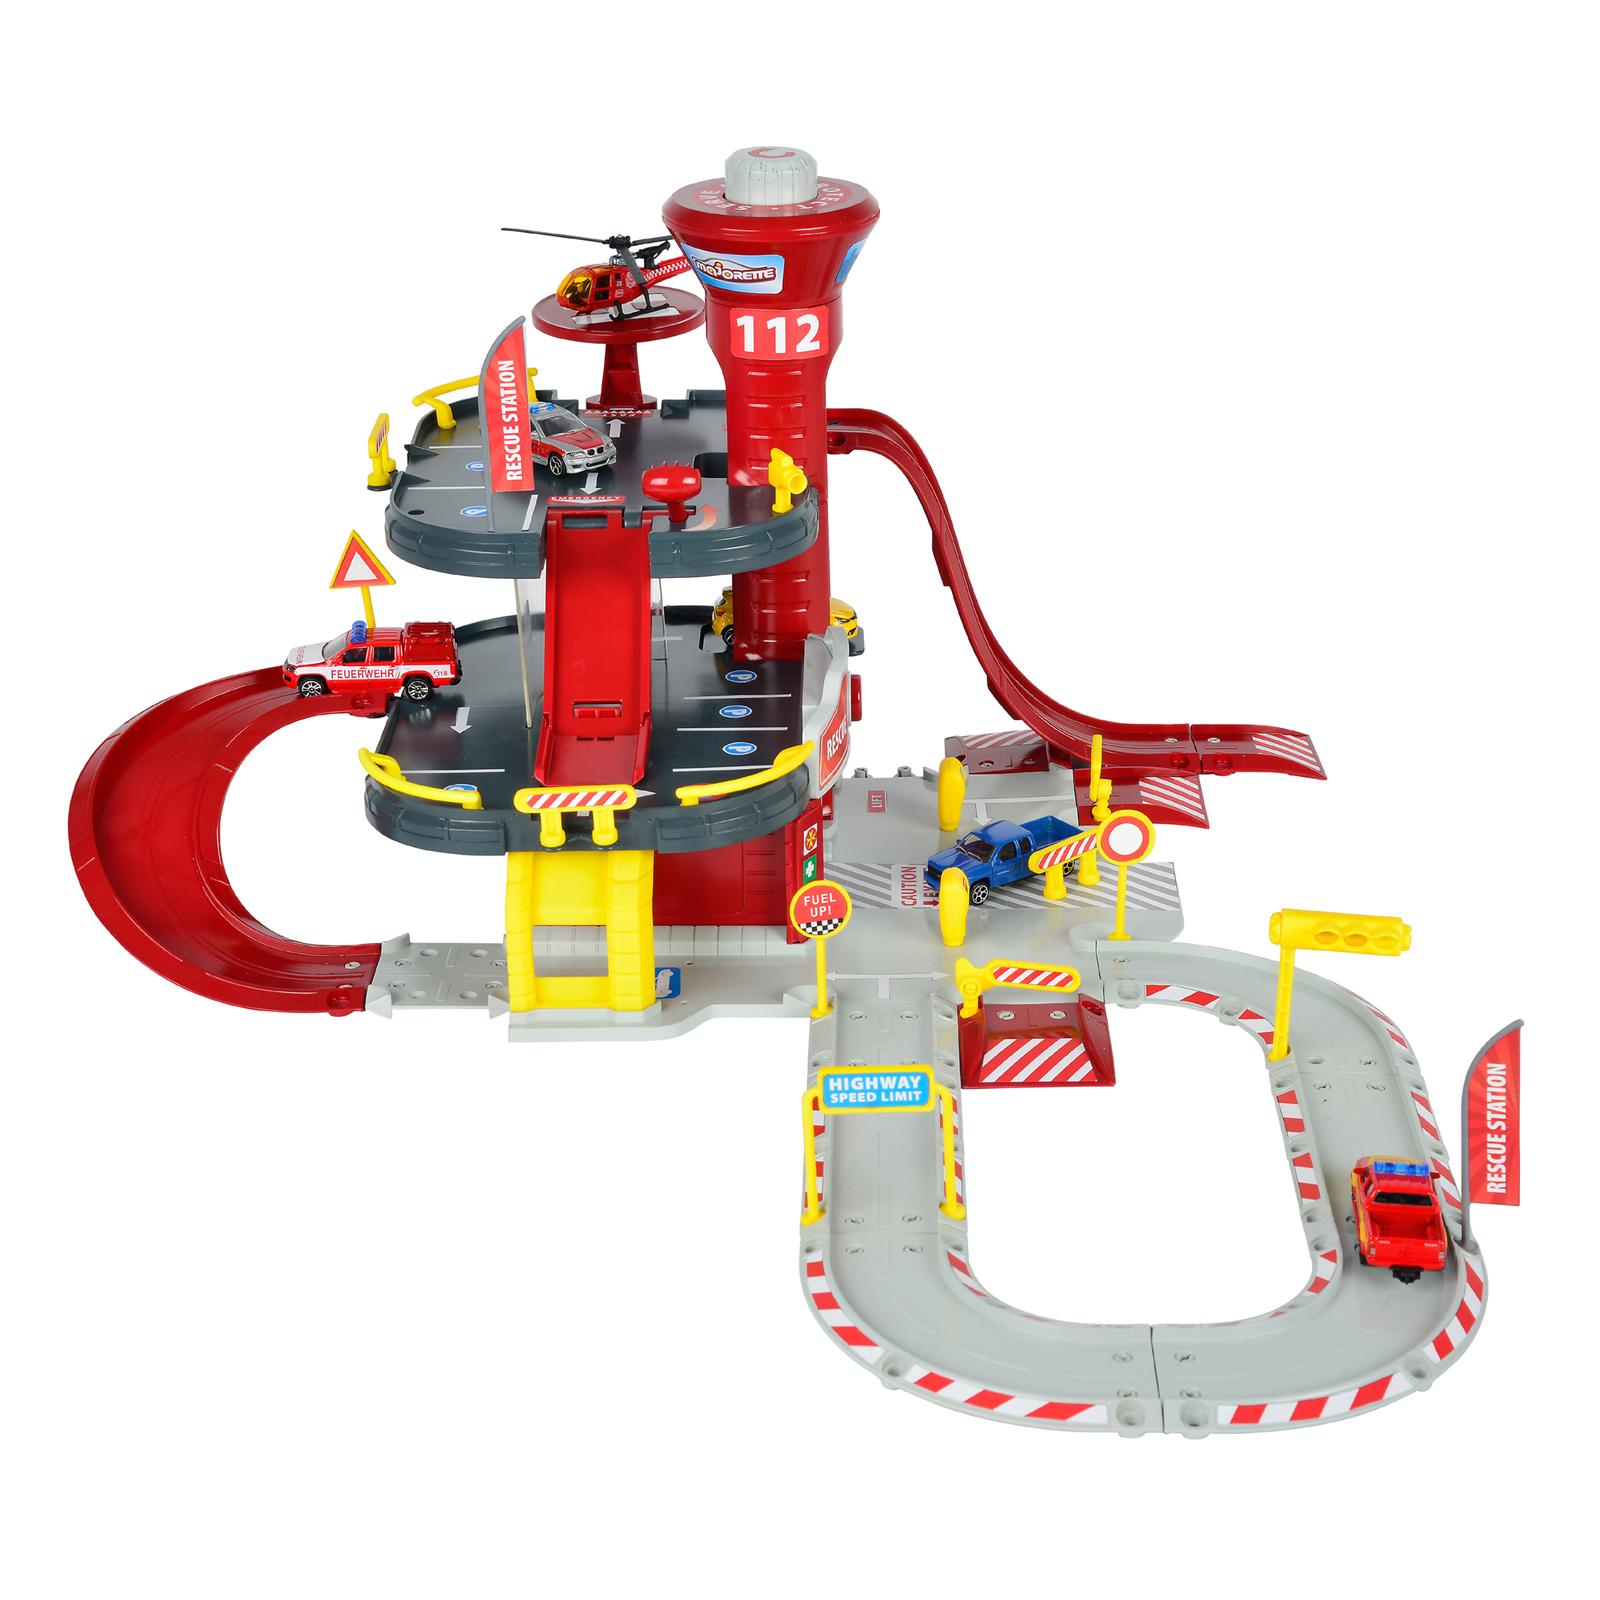 Набор Парковка. Пожарная станция Creatix + 1 вертолет и 1 машинка